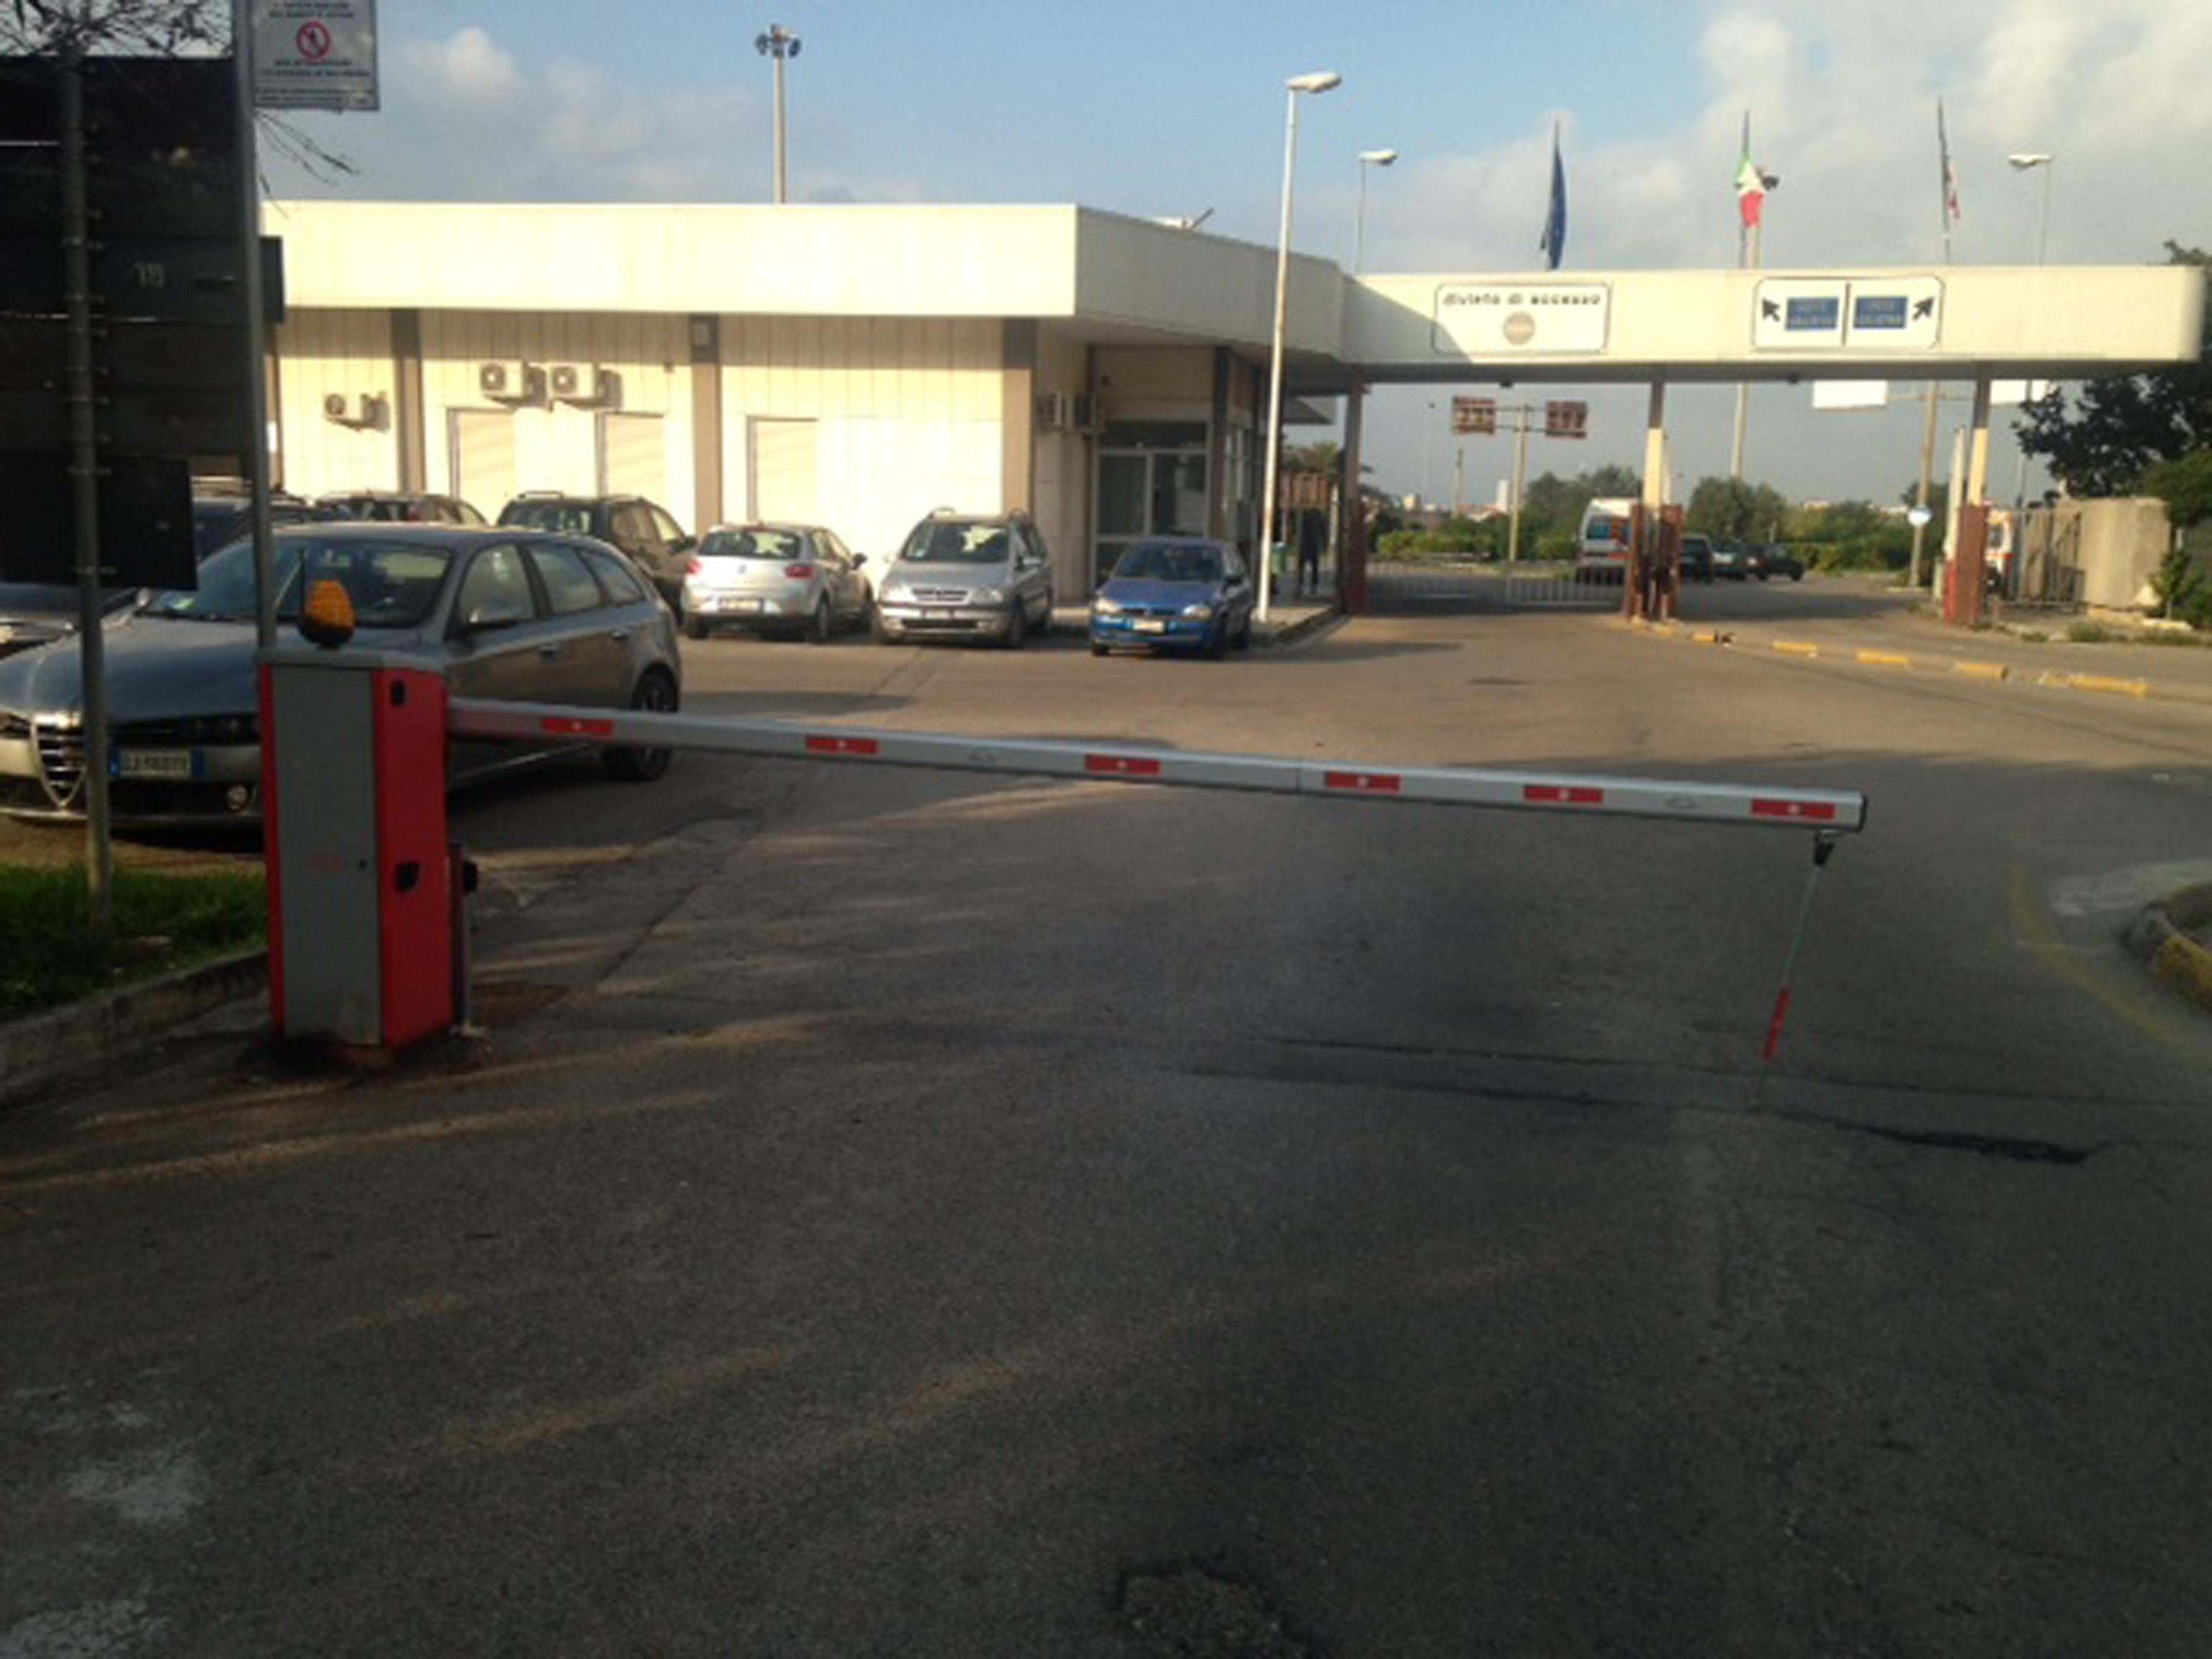 Grave incidente a Lecce: bambino di 8 anni vaga nel buio in cerca di aiuto